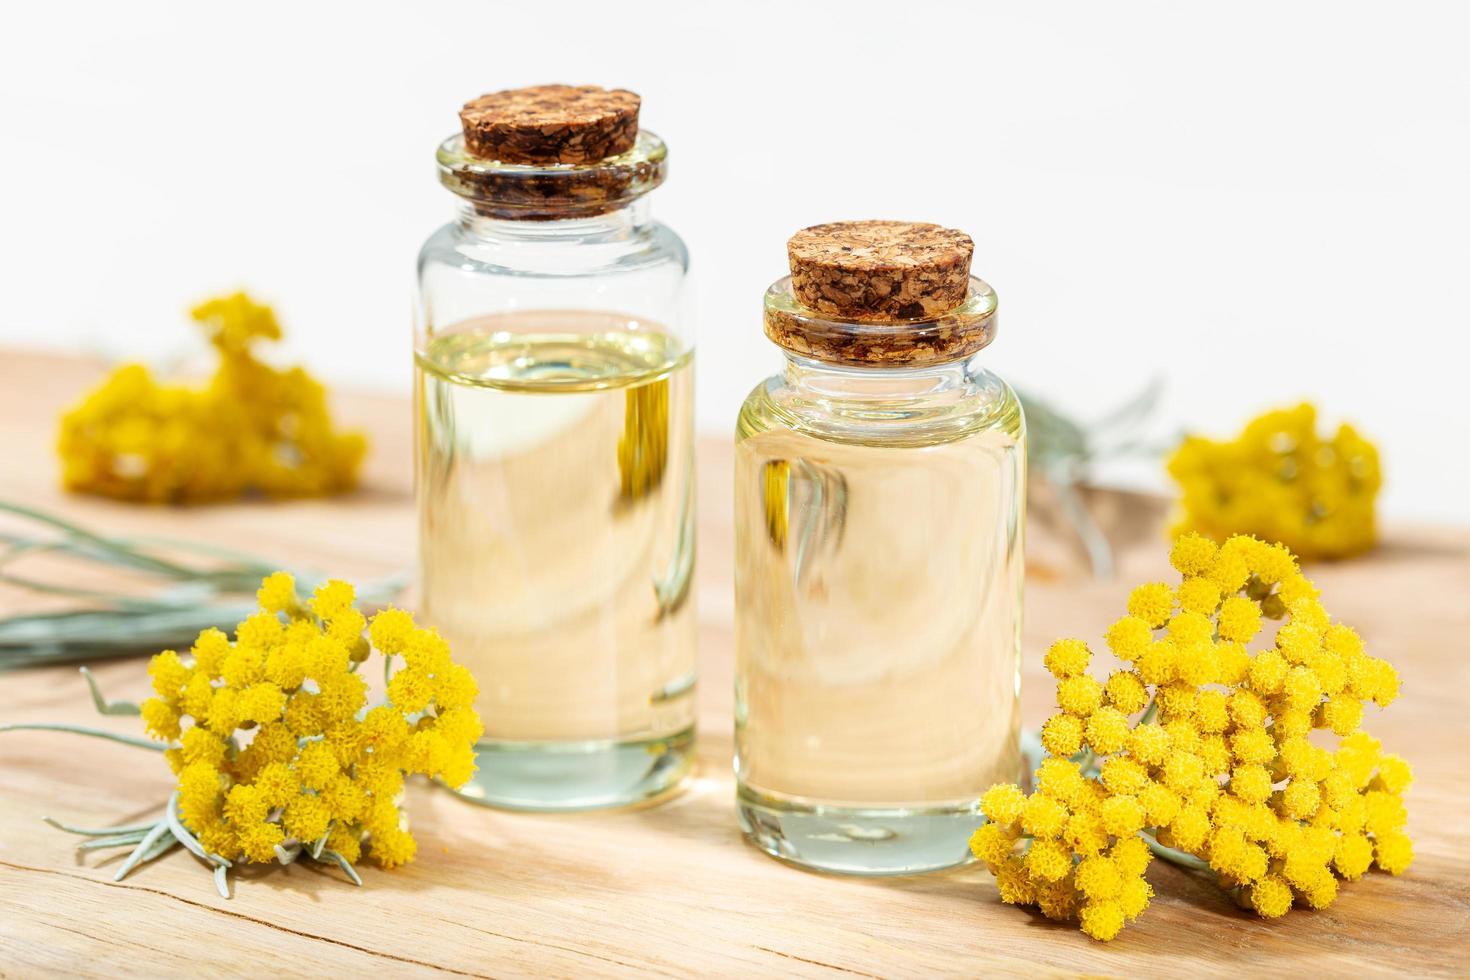 aceite esencial de helichrysum en botella de vidrio foto